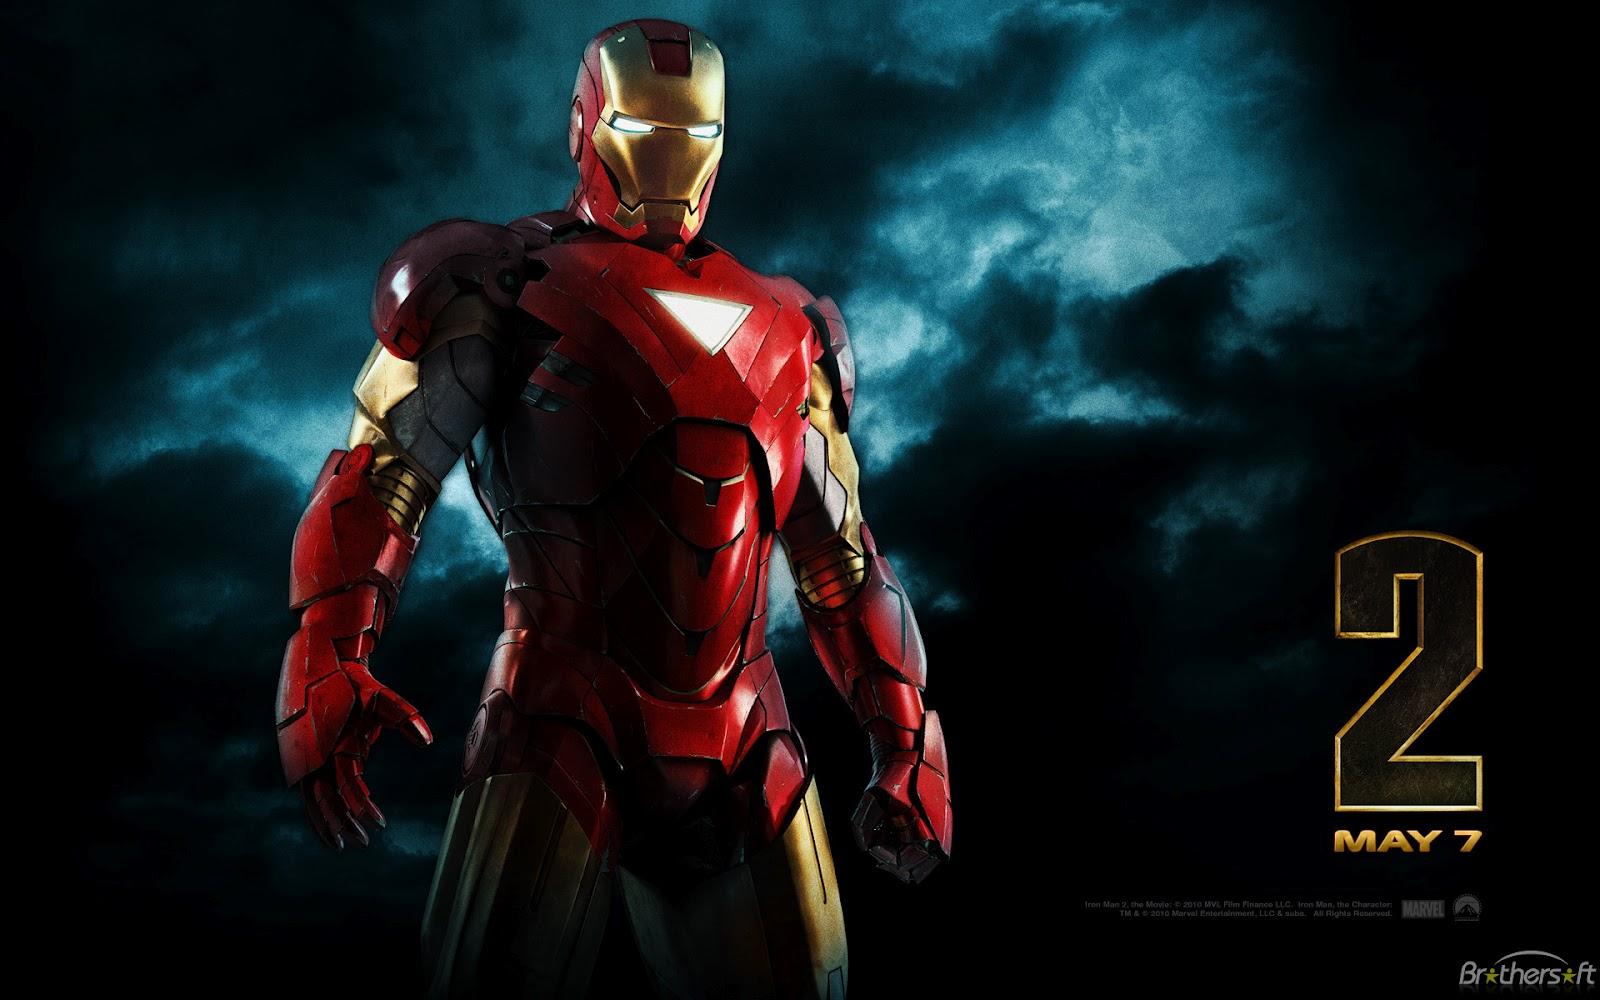 Iron Man Cartoons Wallpapers Wallpapers